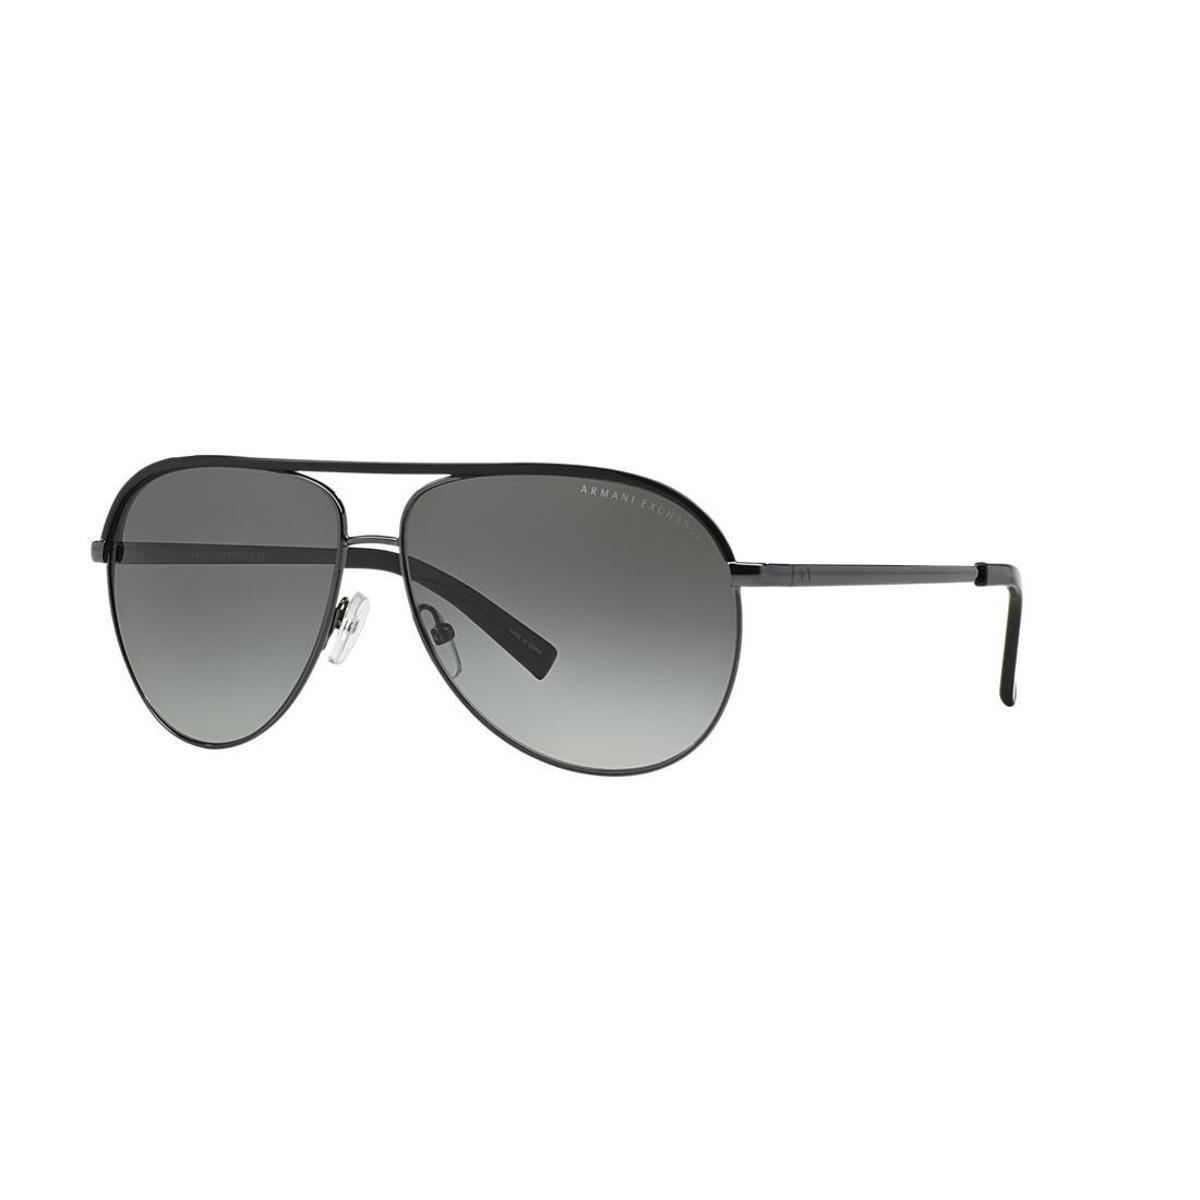 00a9c894bb1 Óculos de Sol Armani Exchange AX2002L - Preto - Compre Agora